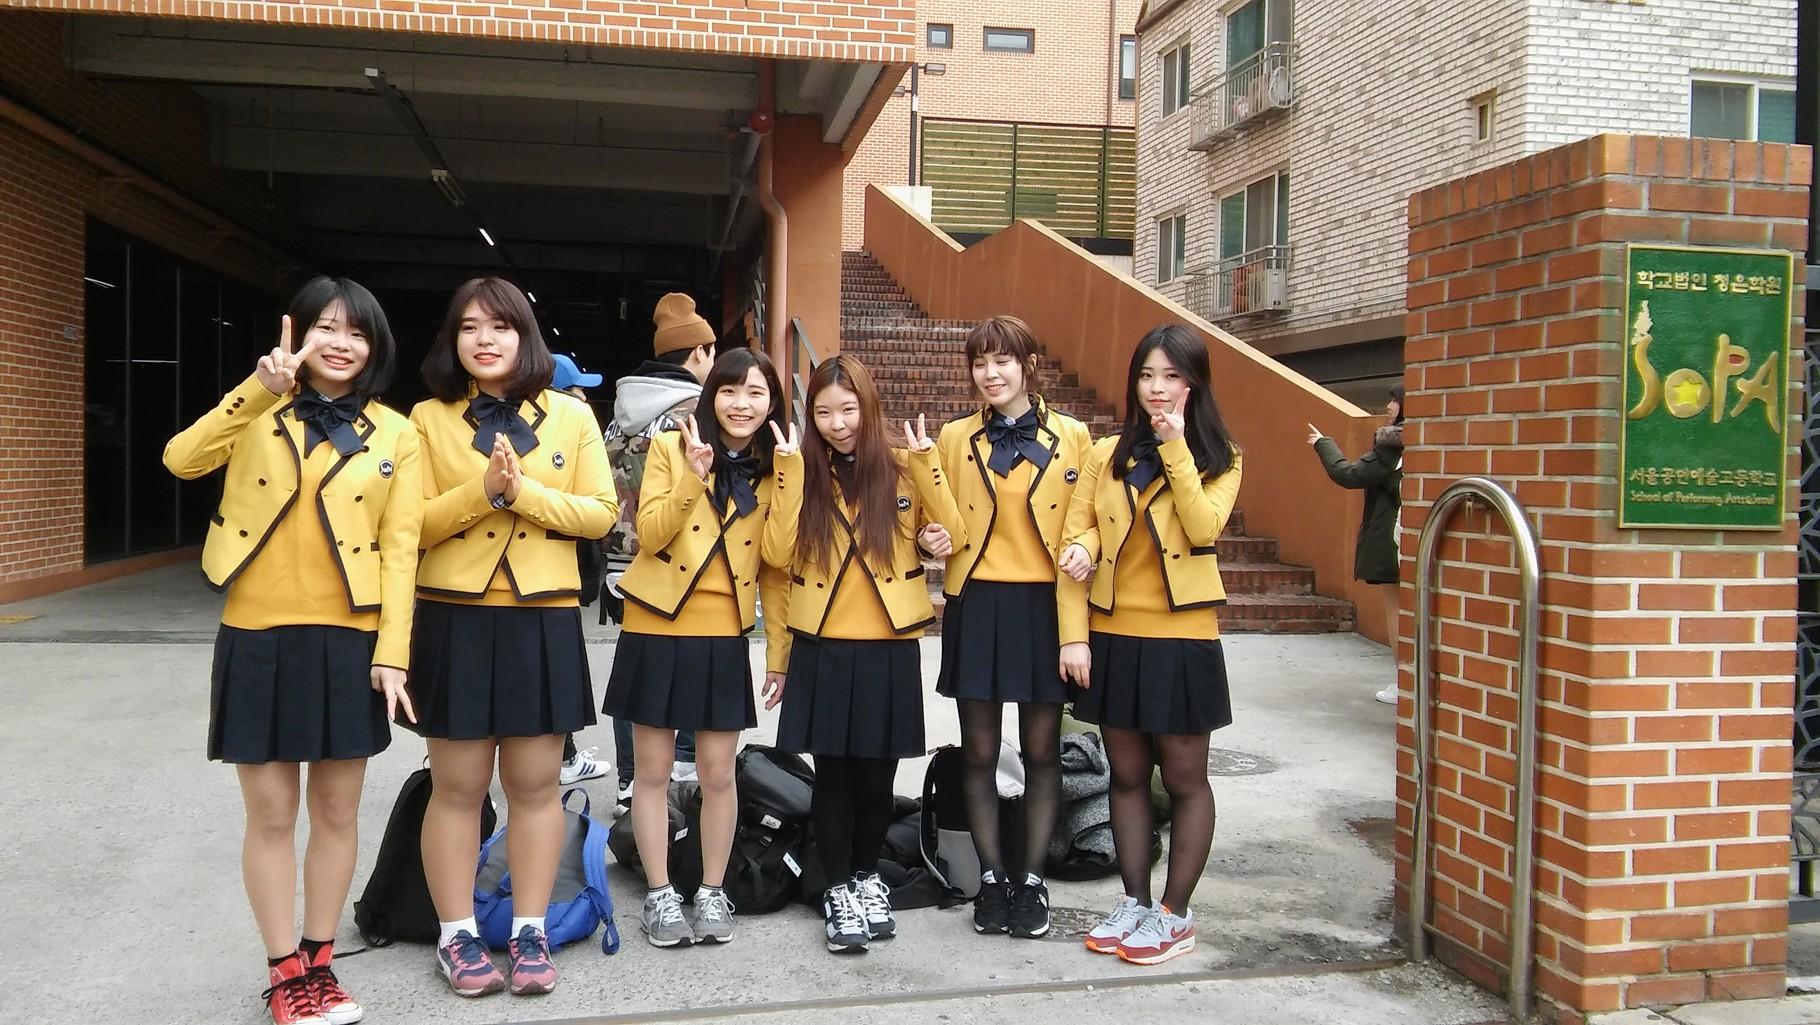 ソウル公演芸術高校 - KPOP SCHOOL